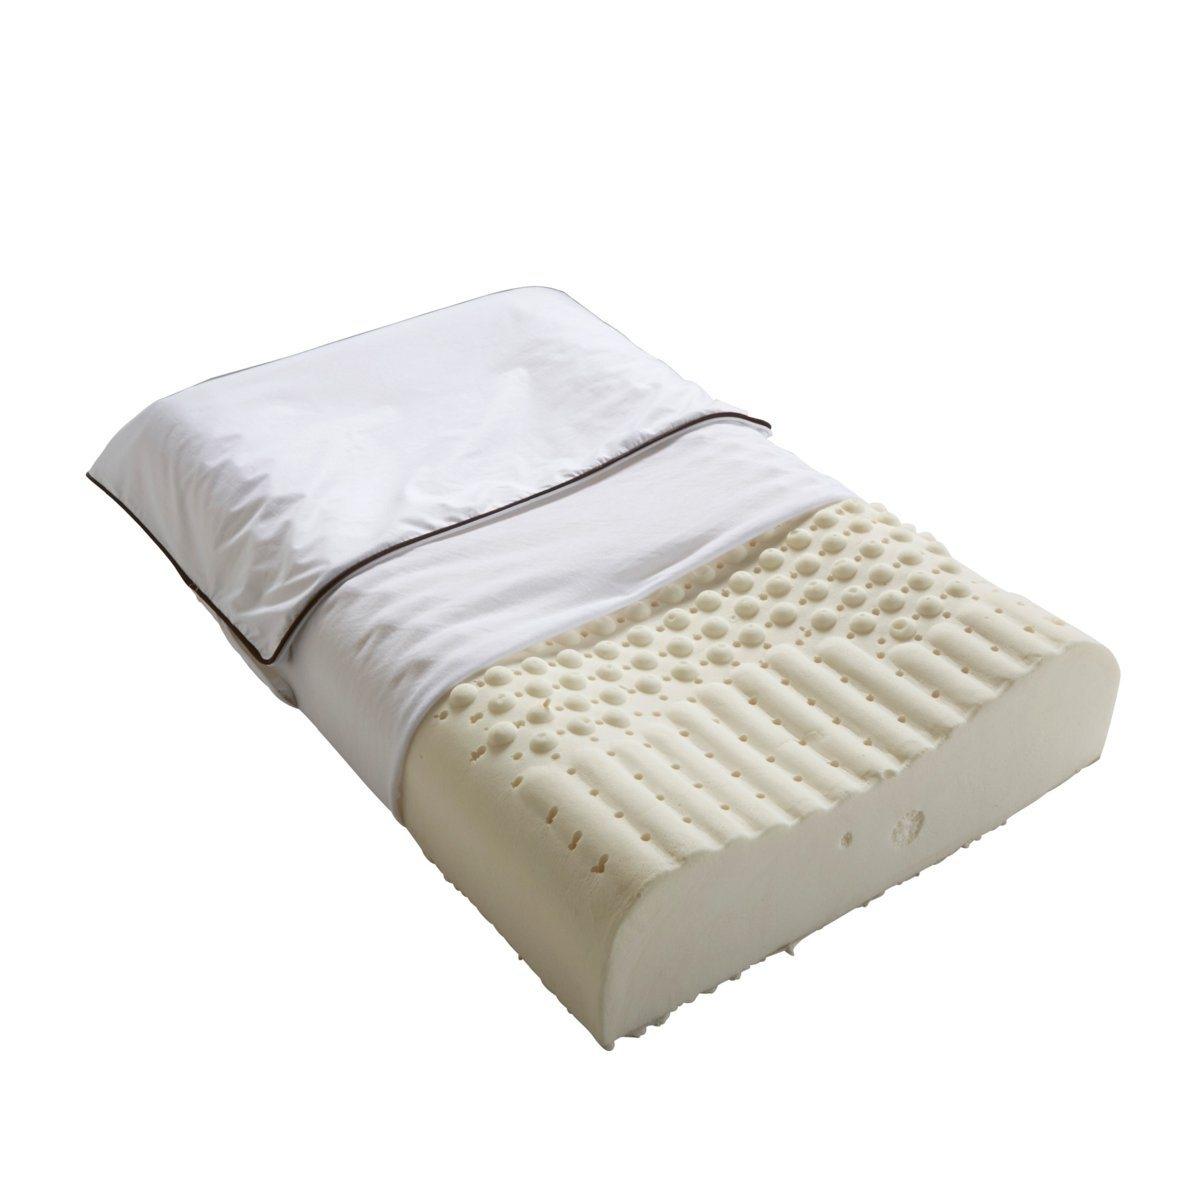 Подушка эргономичная с обработкой против клещей